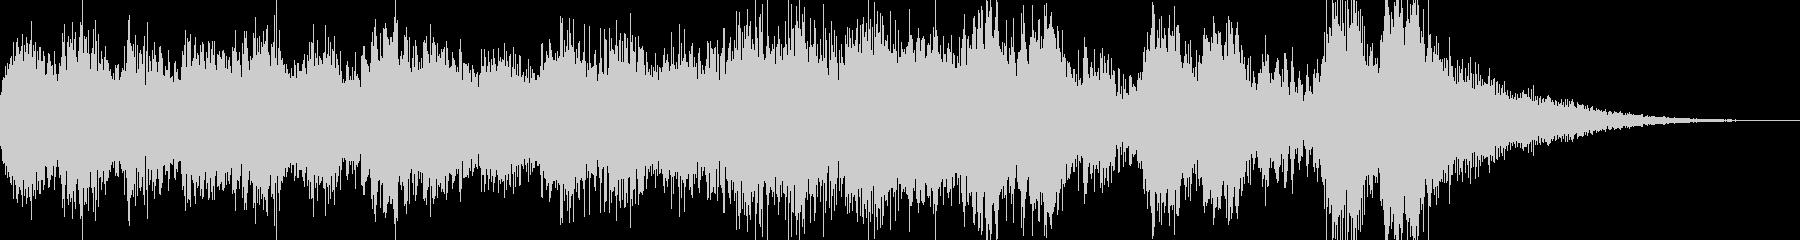 オーケストラ調のジングルです。の未再生の波形